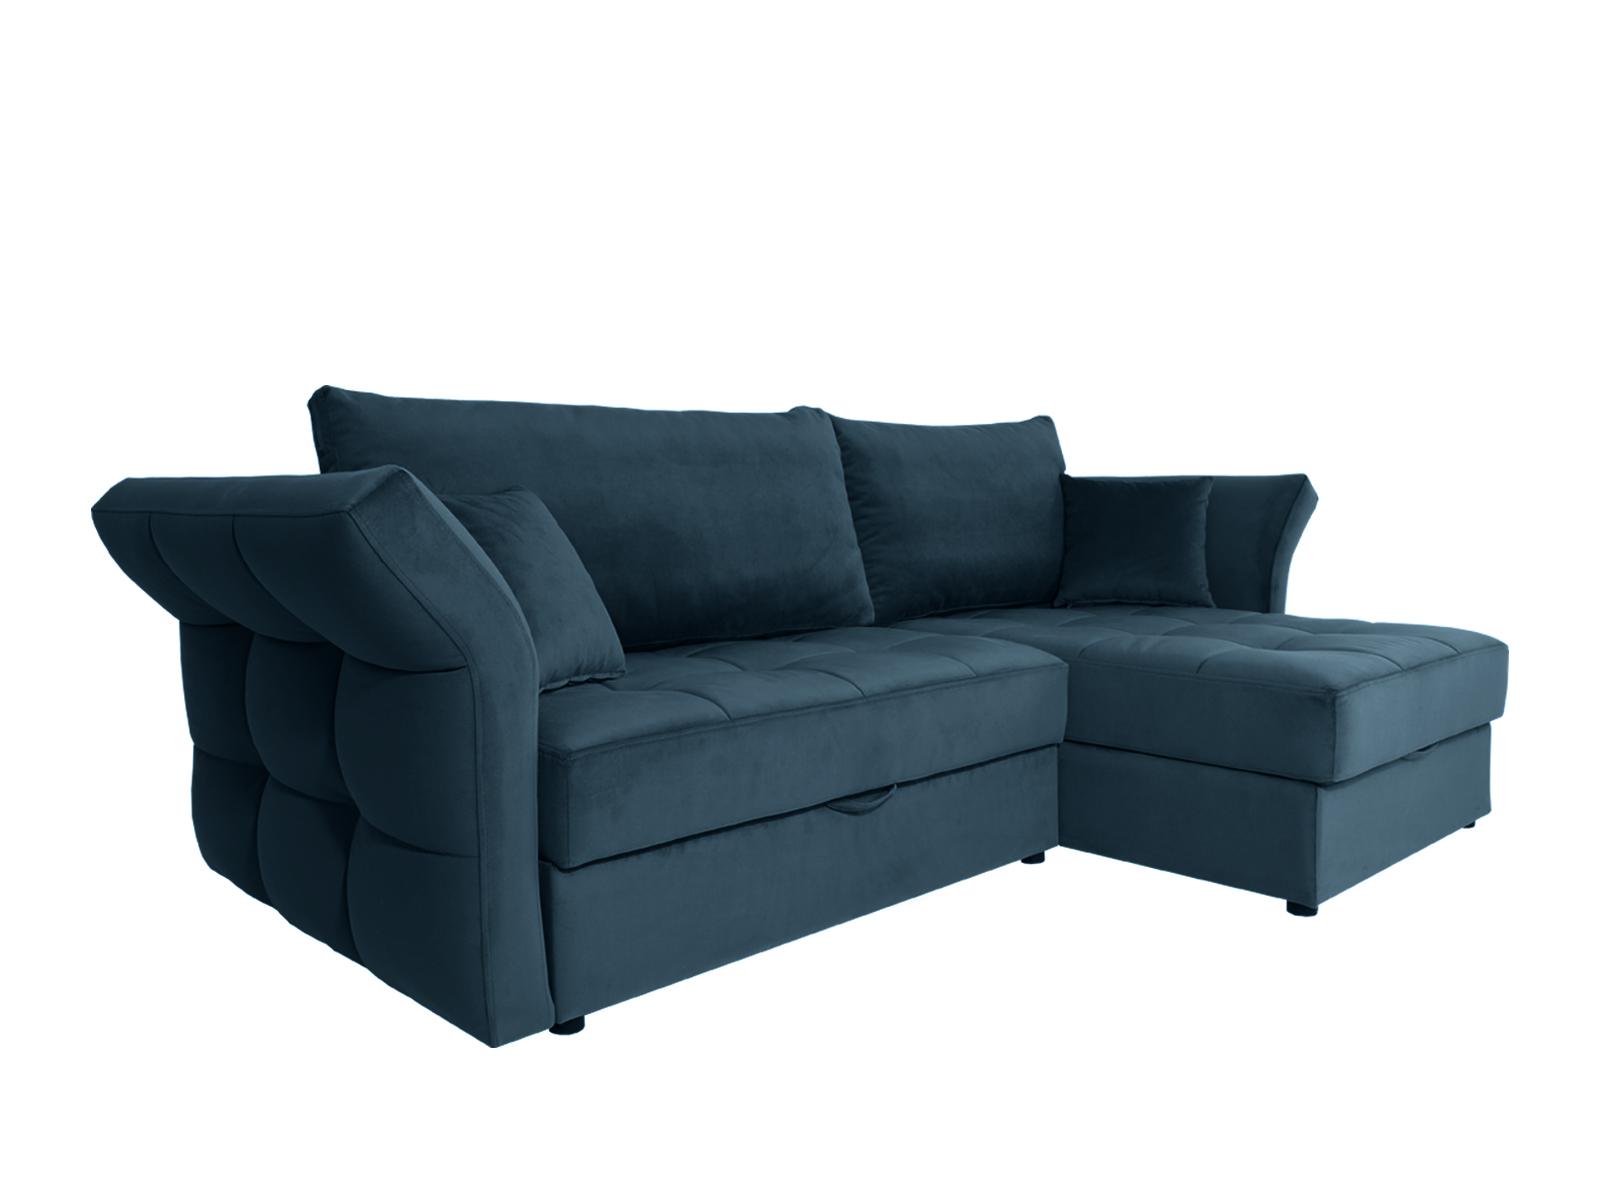 Диван WingУгловые раскладные диваны<br>&amp;lt;div&amp;gt;Особенностью этого углового дивана является универсальное исполнение - оттоманку можно располагать как с правой, так и с левой стороны. Сиденье оттоманки снабжено подъемным механизмом на пневматических лифтах.&amp;lt;/div&amp;gt;&amp;lt;div&amp;gt;&amp;lt;br&amp;gt;&amp;lt;/div&amp;gt;&amp;lt;div&amp;gt;Материалы:&amp;lt;/div&amp;gt;&amp;lt;div&amp;gt;Каркас: фанера, МДФ.&amp;lt;/div&amp;gt;&amp;lt;div&amp;gt;Мягкие элементы дивана: пенополиуретан, холлофайбер, синтепон.&amp;lt;/div&amp;gt;&amp;lt;div&amp;gt;Съемные подушки: синтетическое волокно «синтепух».&amp;lt;/div&amp;gt;&amp;lt;div&amp;gt;Обивка: 100% полиэстер.&amp;lt;/div&amp;gt;<br><br>Material: Текстиль<br>Ширина см: 254<br>Высота см: 94<br>Глубина см: 155